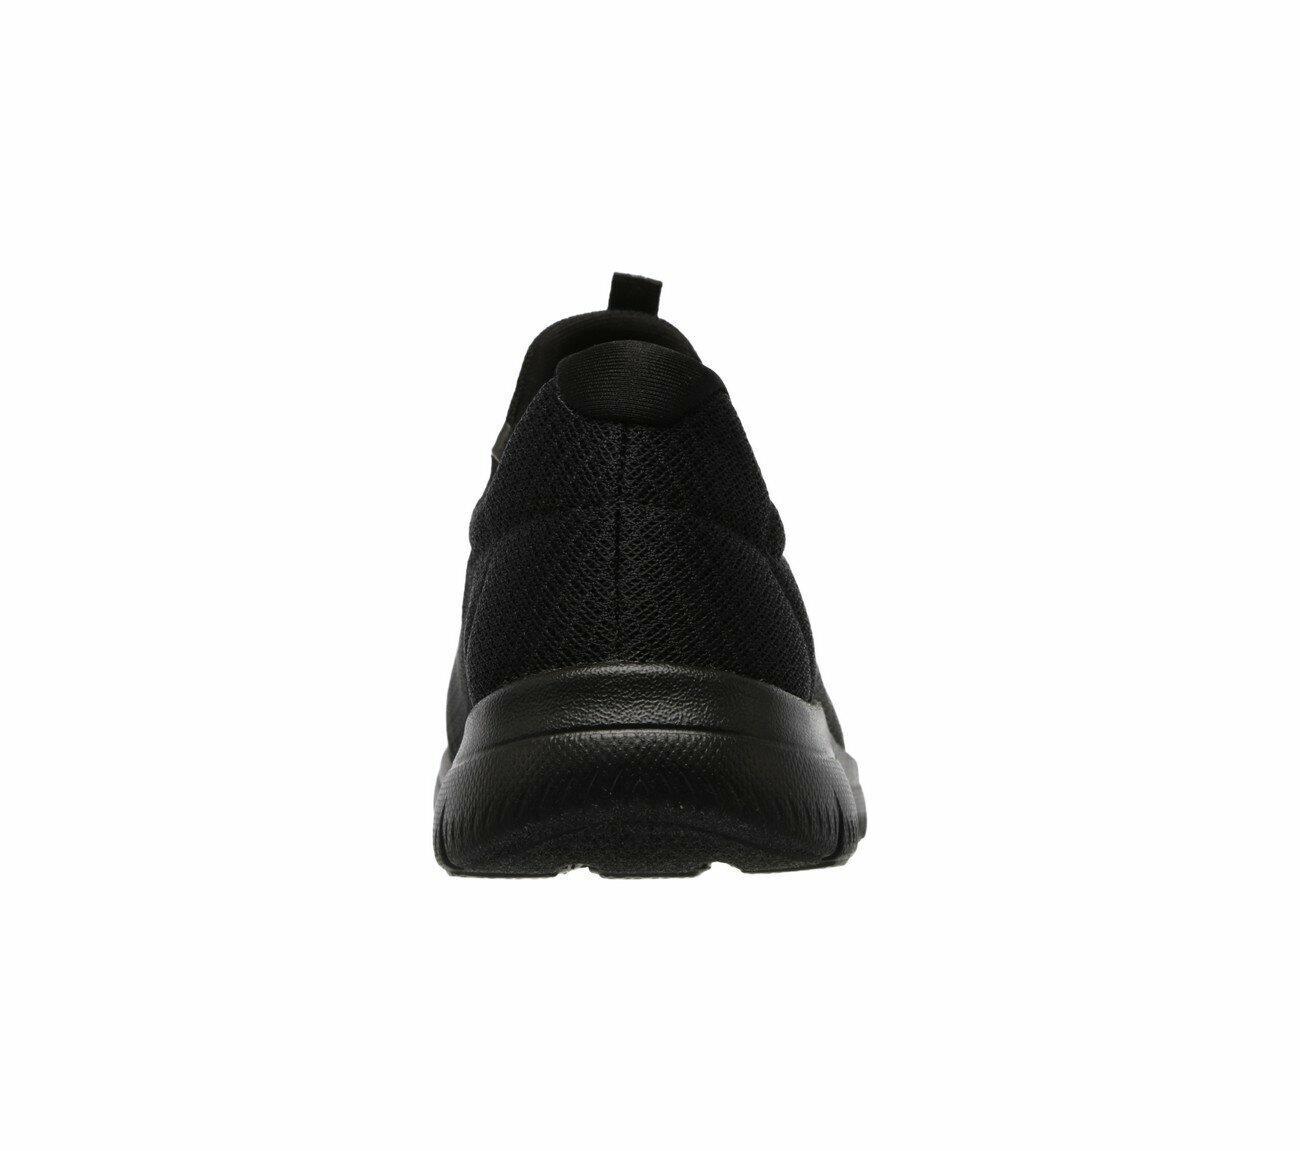 Skechers Summıts Bayan Ayakkabısı